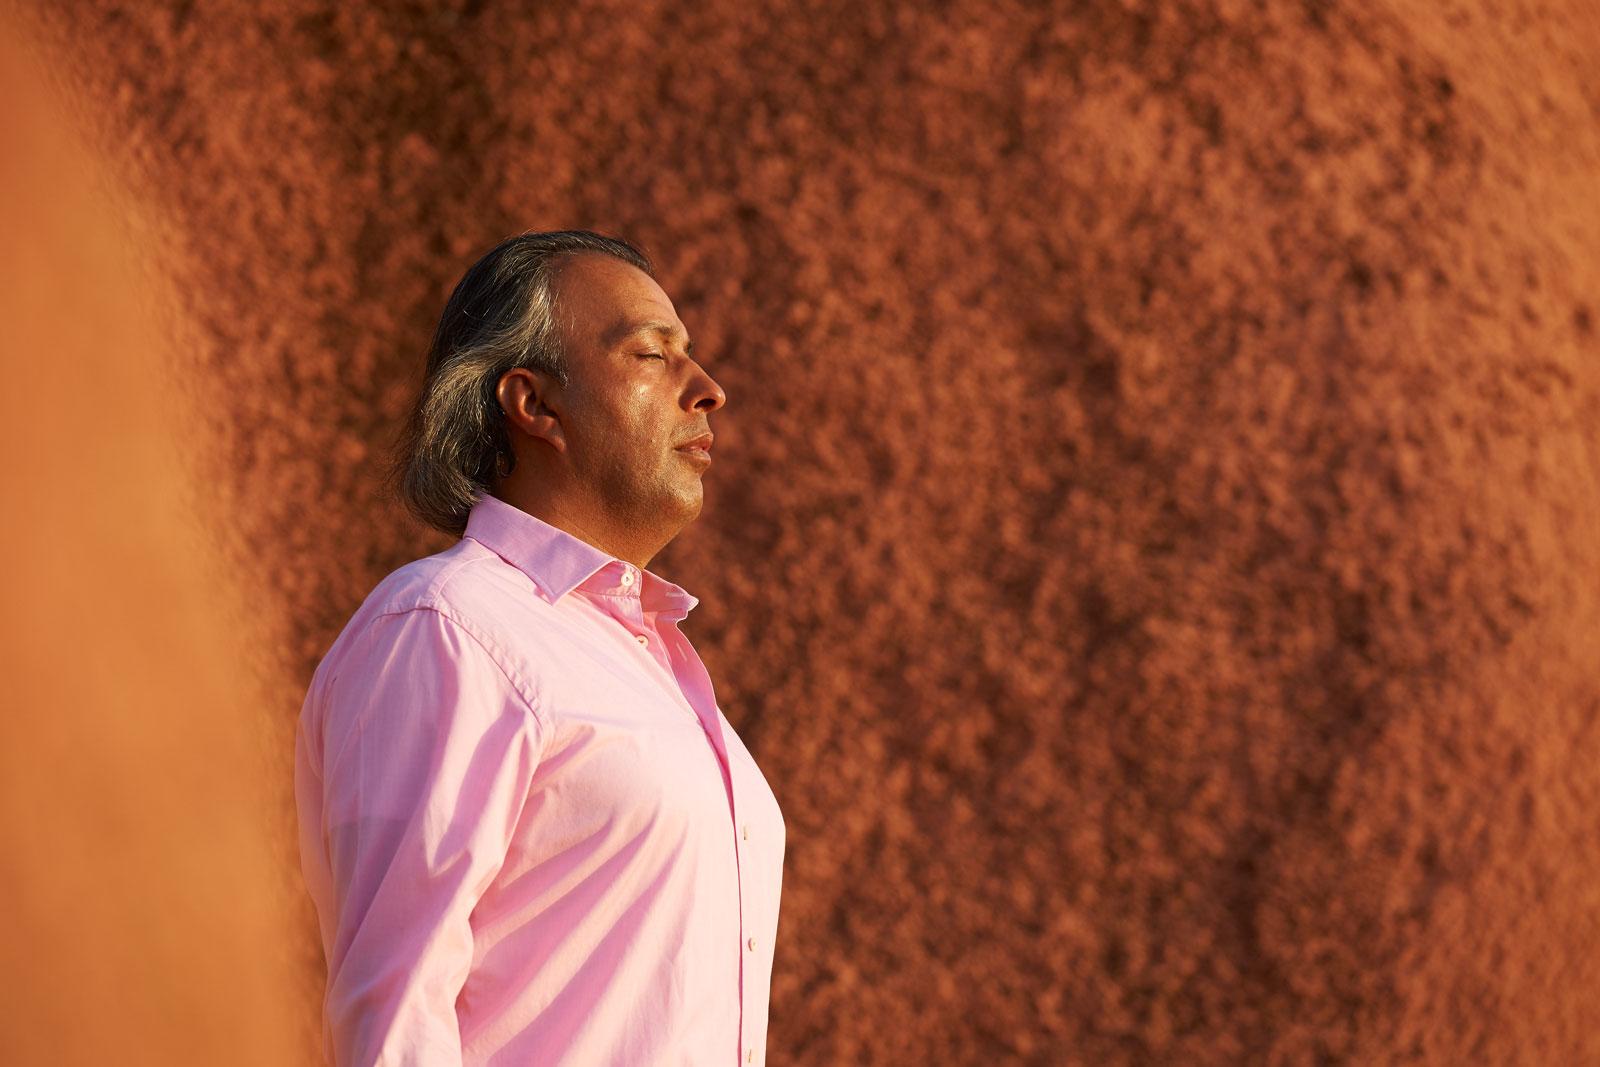 Bild eines meditierenden Mannes zwischen riesigen roten Felsen in Marokko